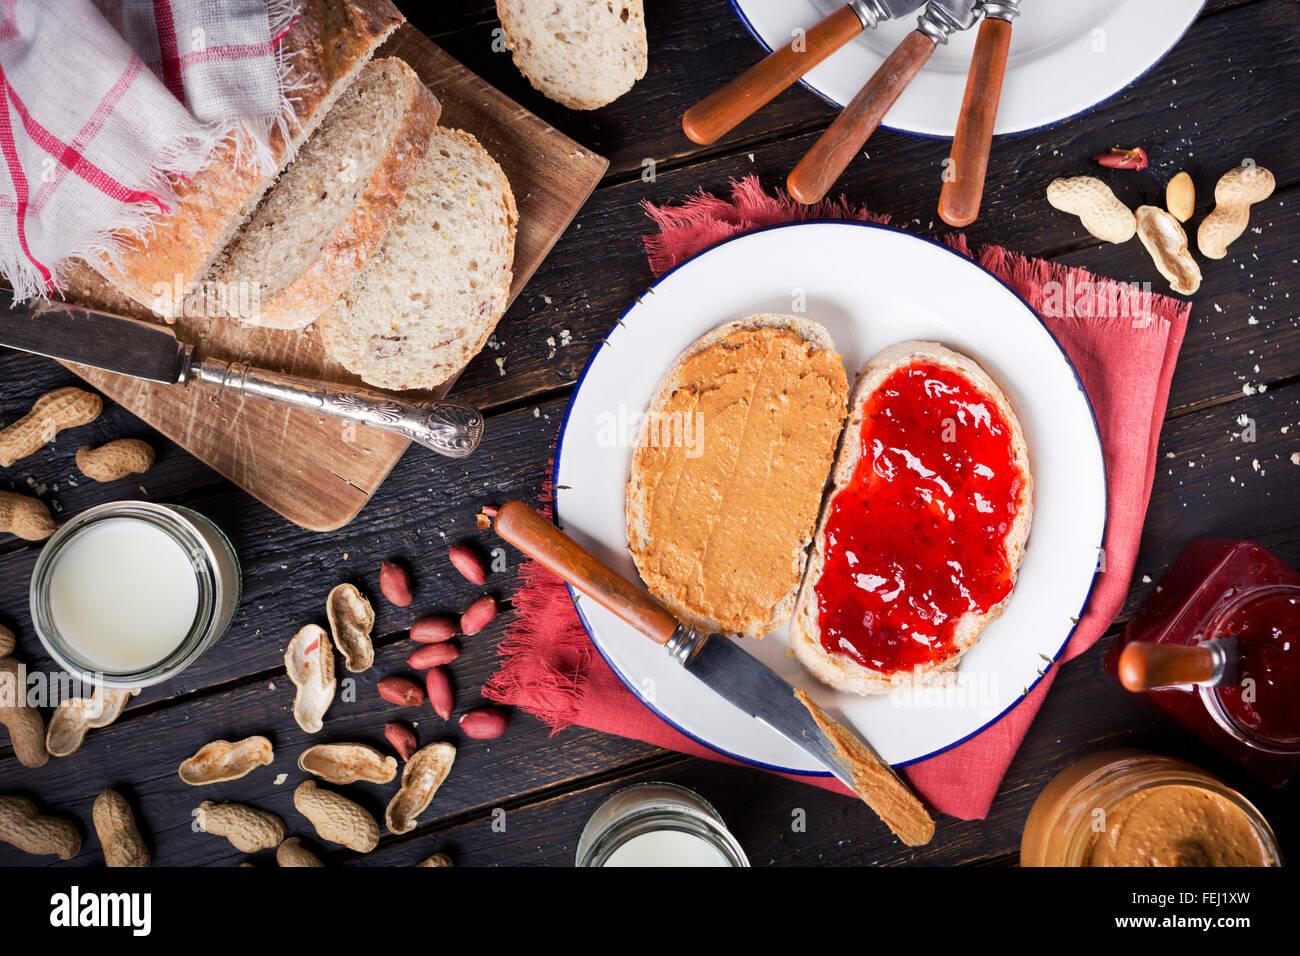 Erdnussbutter und Marmelade Sandwich auf einem rustikalen Tisch. Direkt von oben fotografiert. Stockfoto